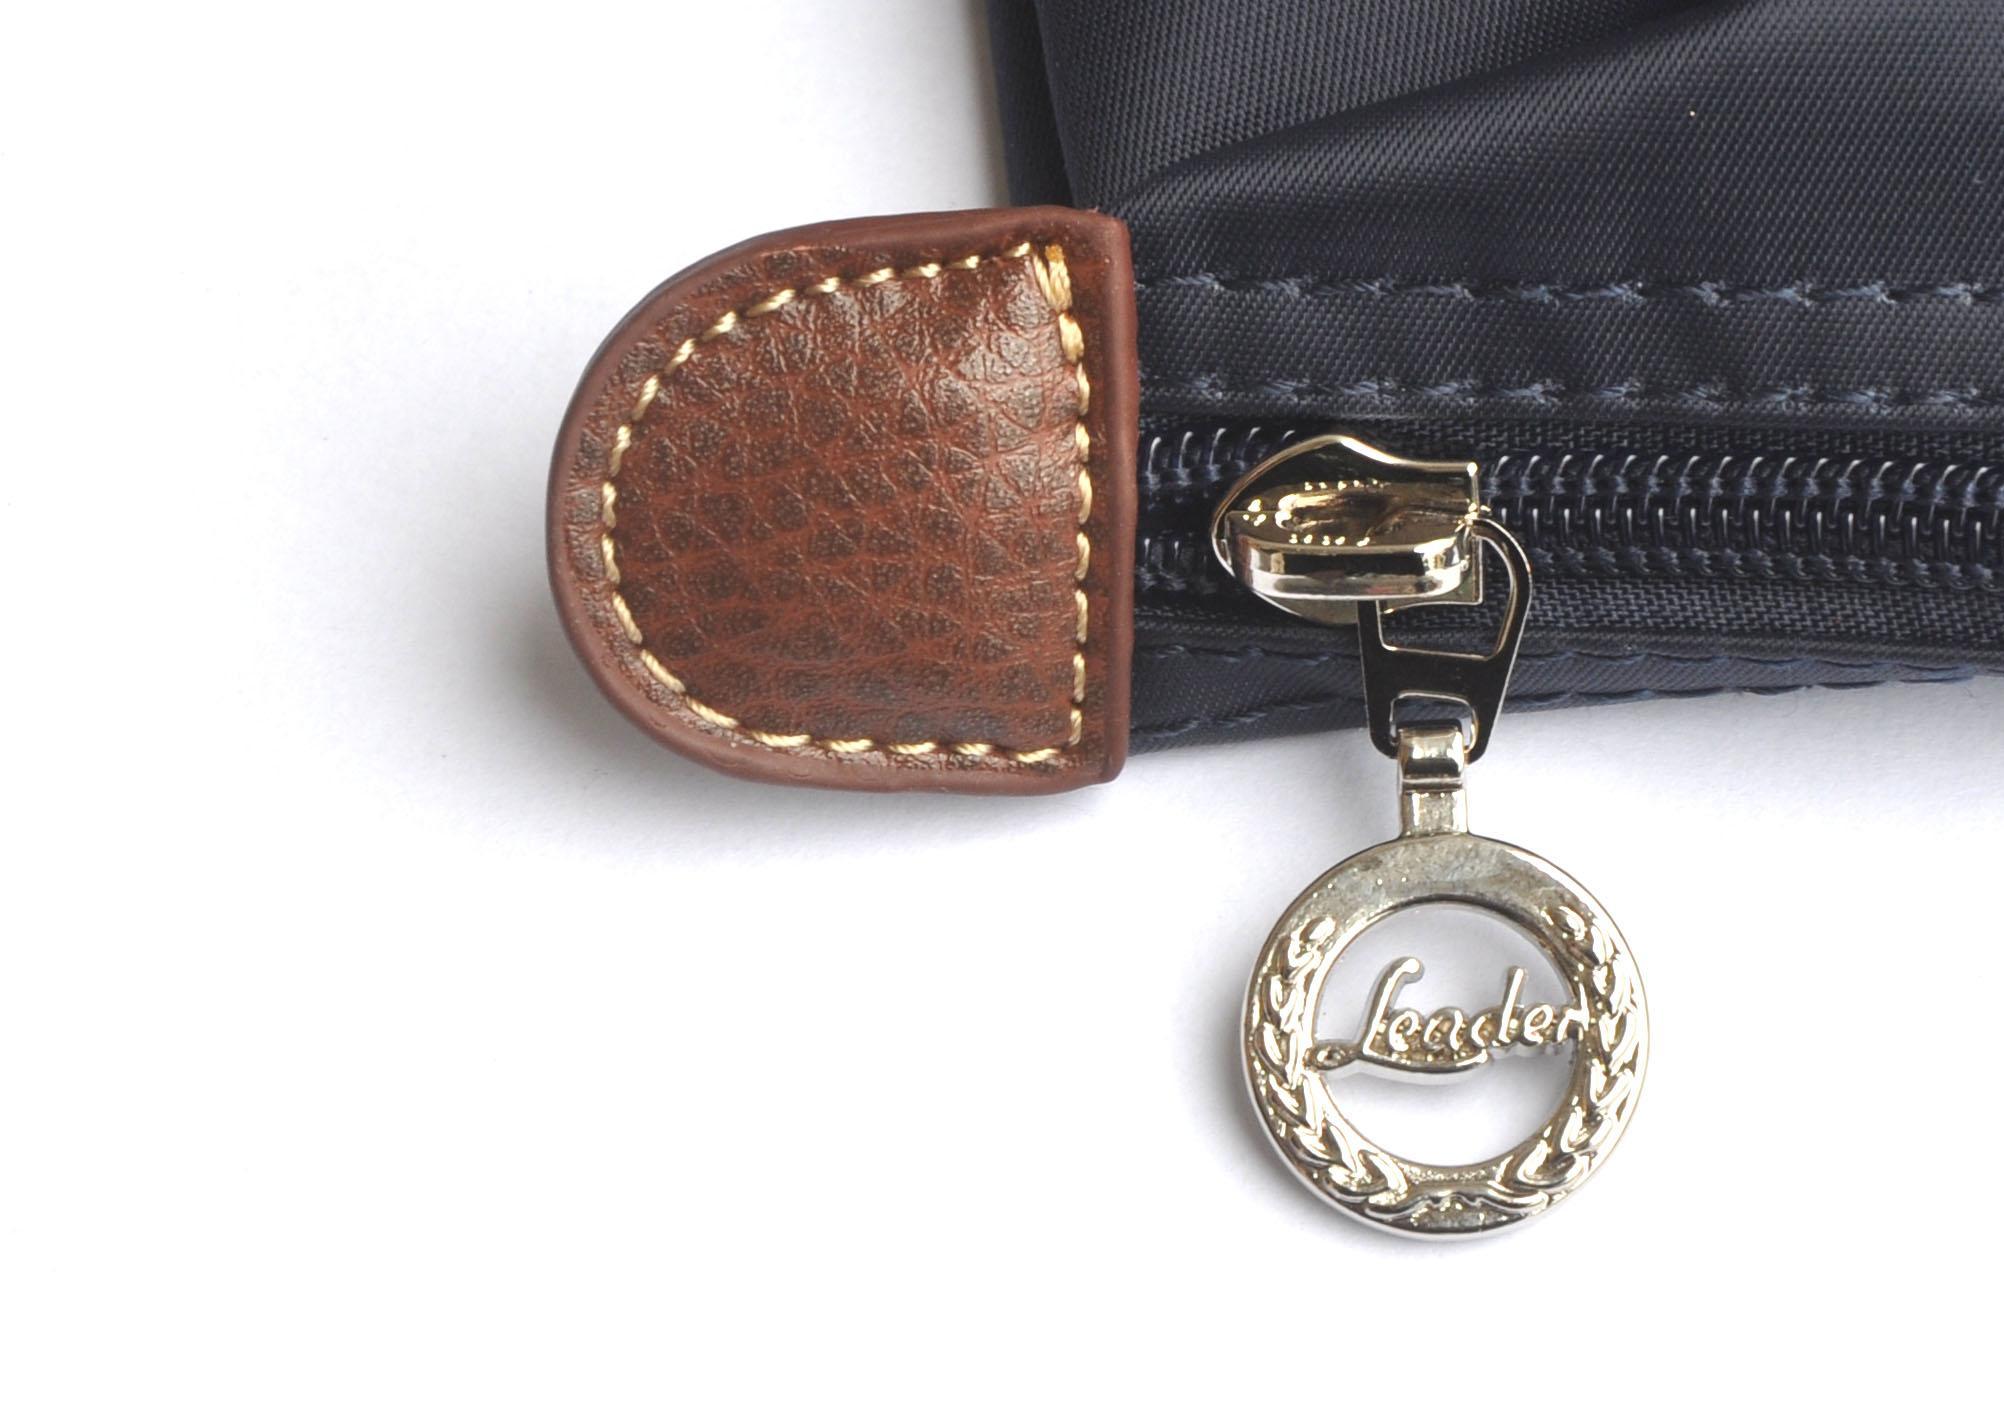 Tas Longchamp Bisa Dilipat Tas Kain Oxford Nilon Tahan Air - 3 .